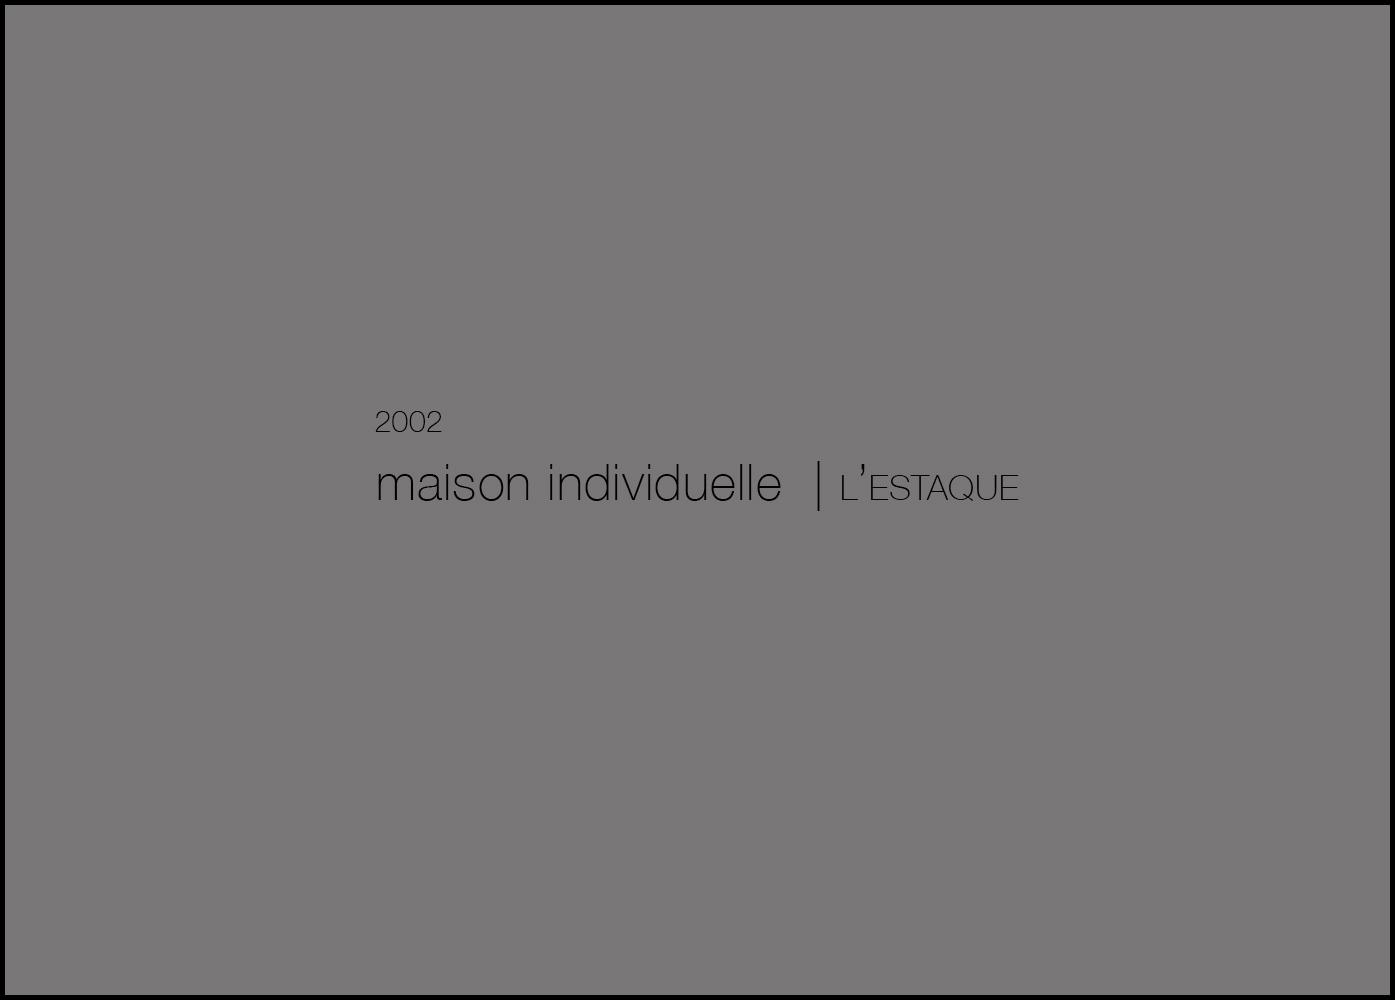 2002_04Estaque-00